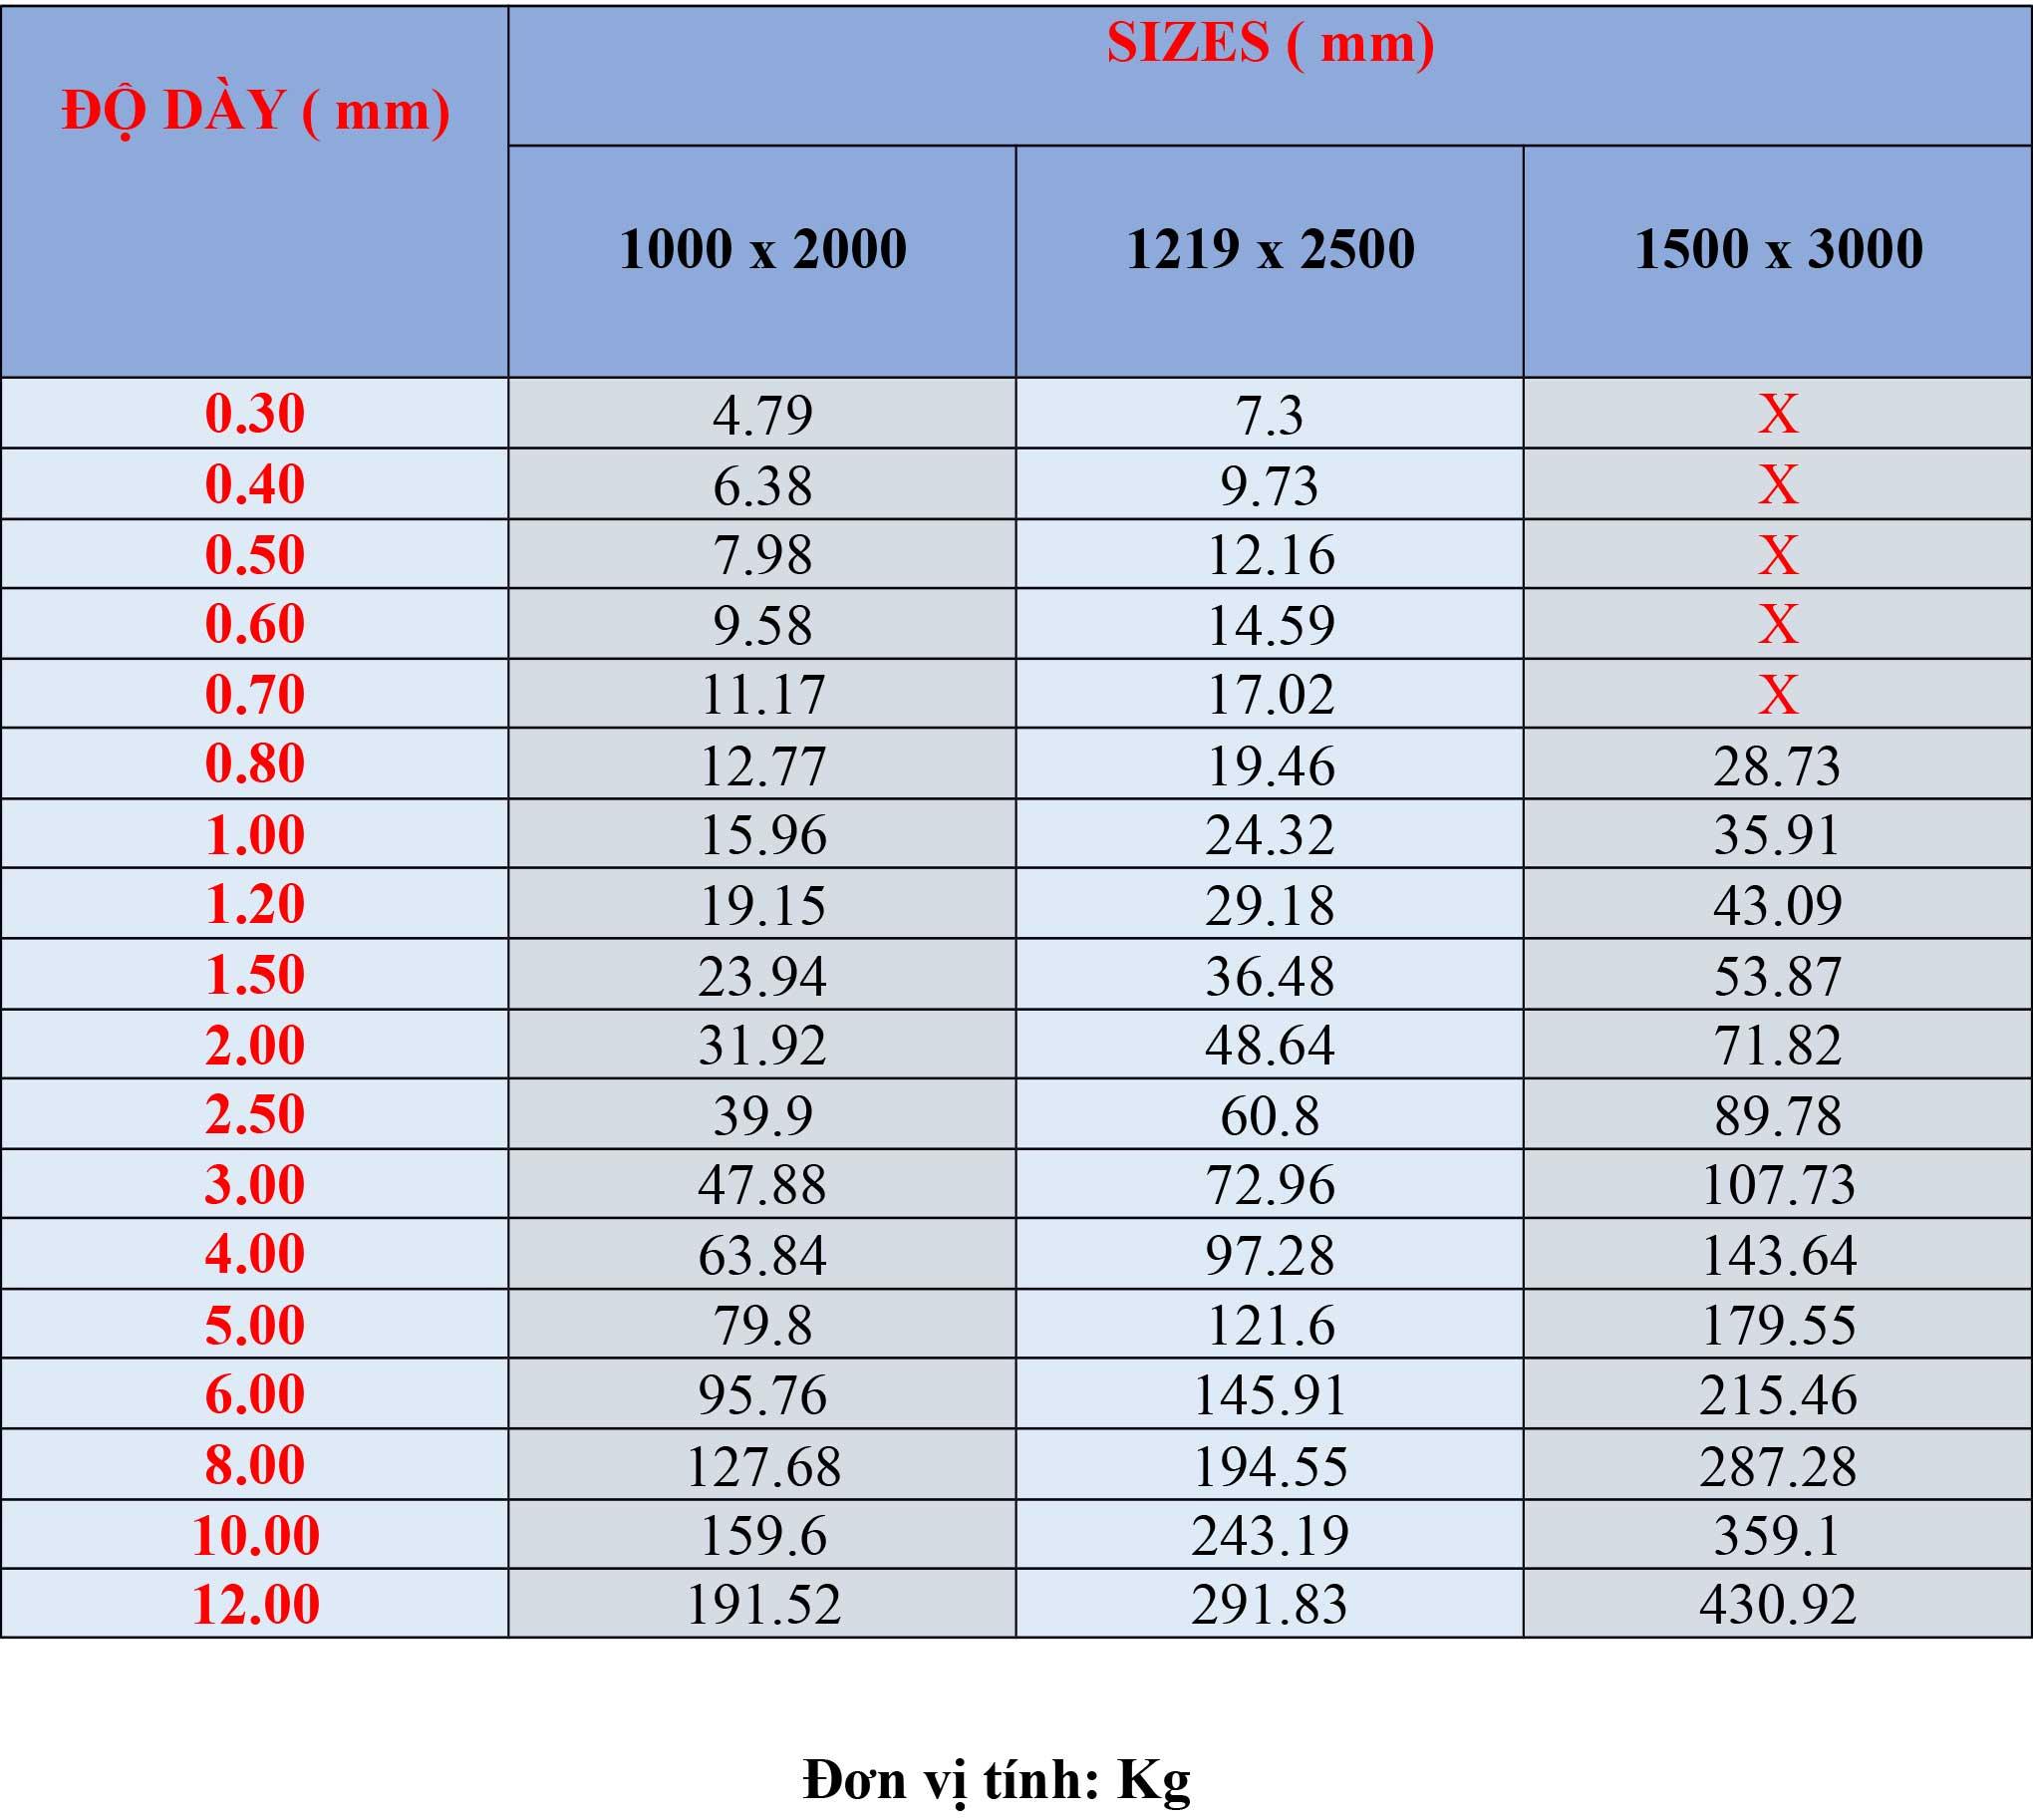 Bảng trọng lượng tấm inox 316/ 316L